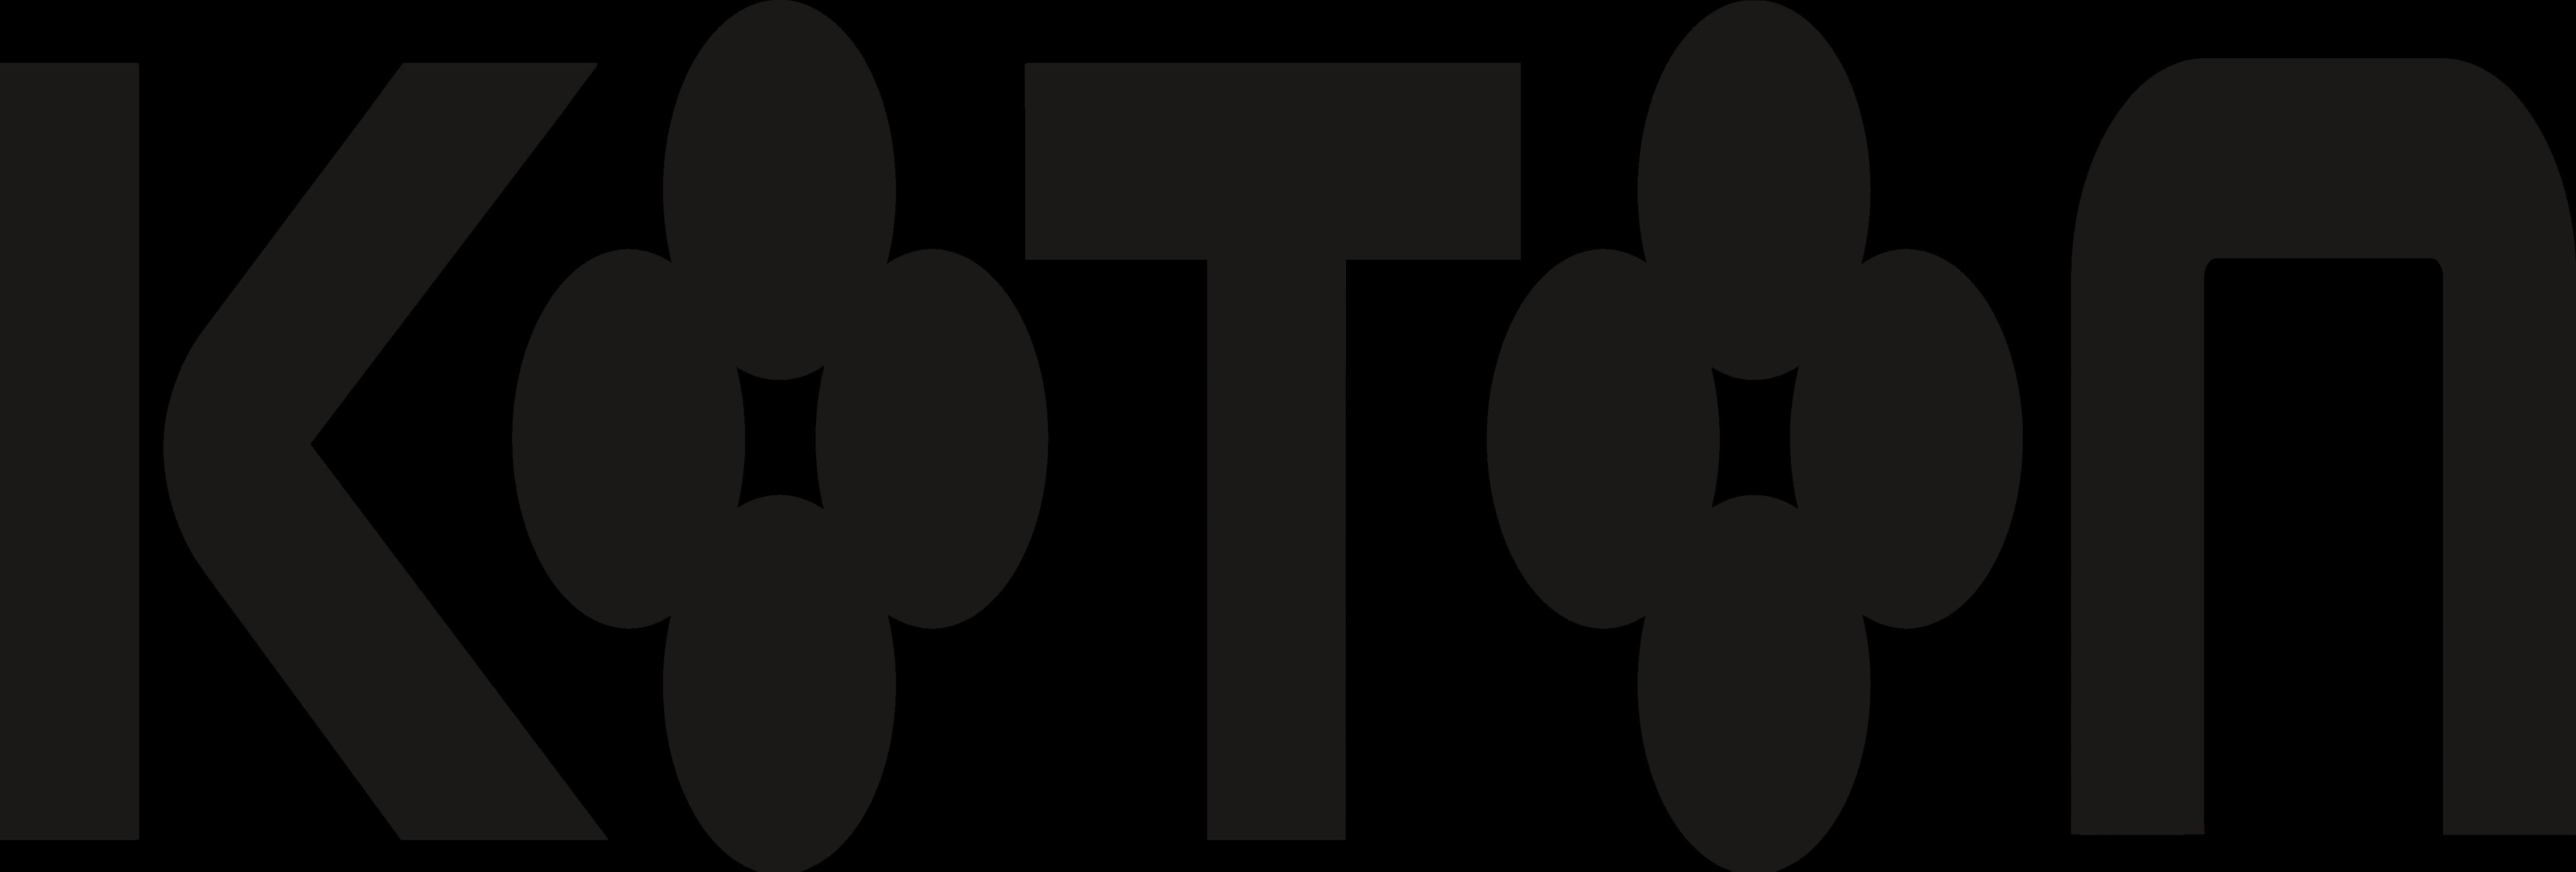 Koton Logos Download